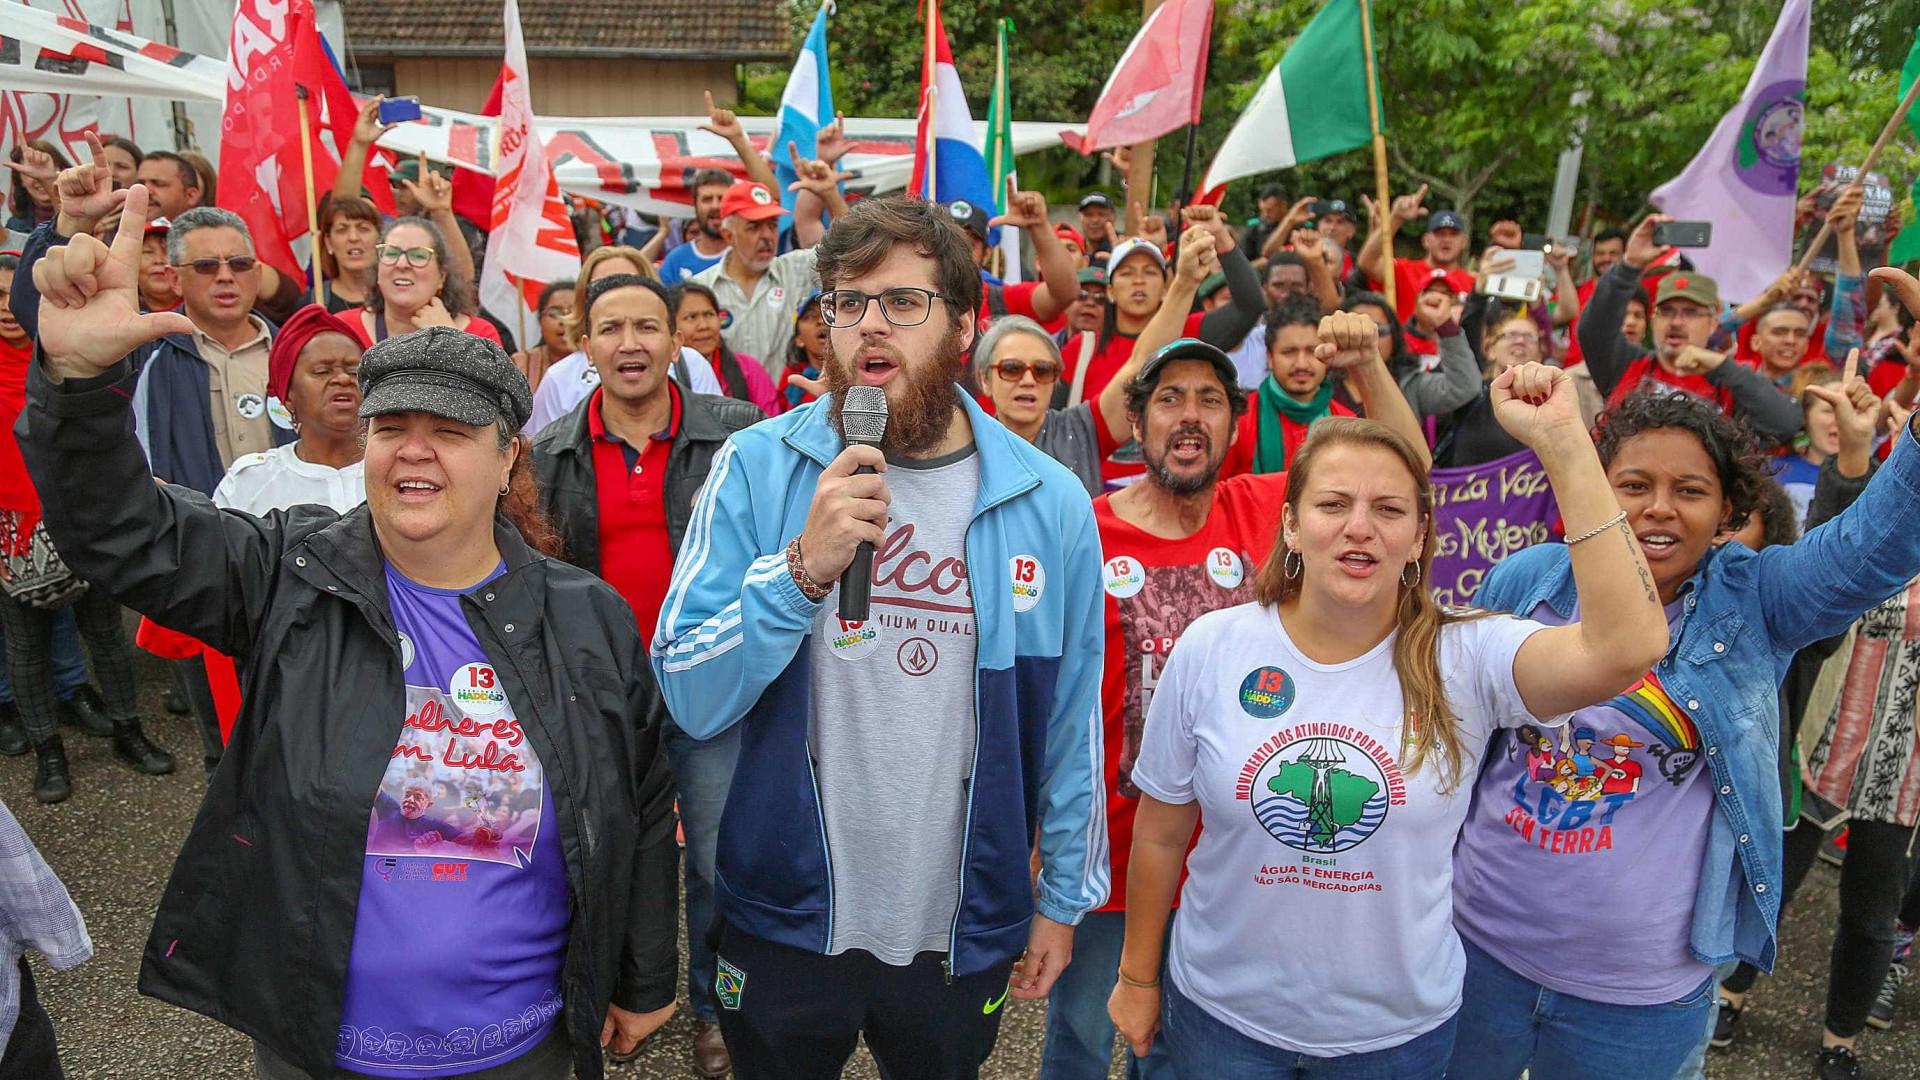 Acampamento pró-Lula é desmontado em Curitiba, mas vigília permanece